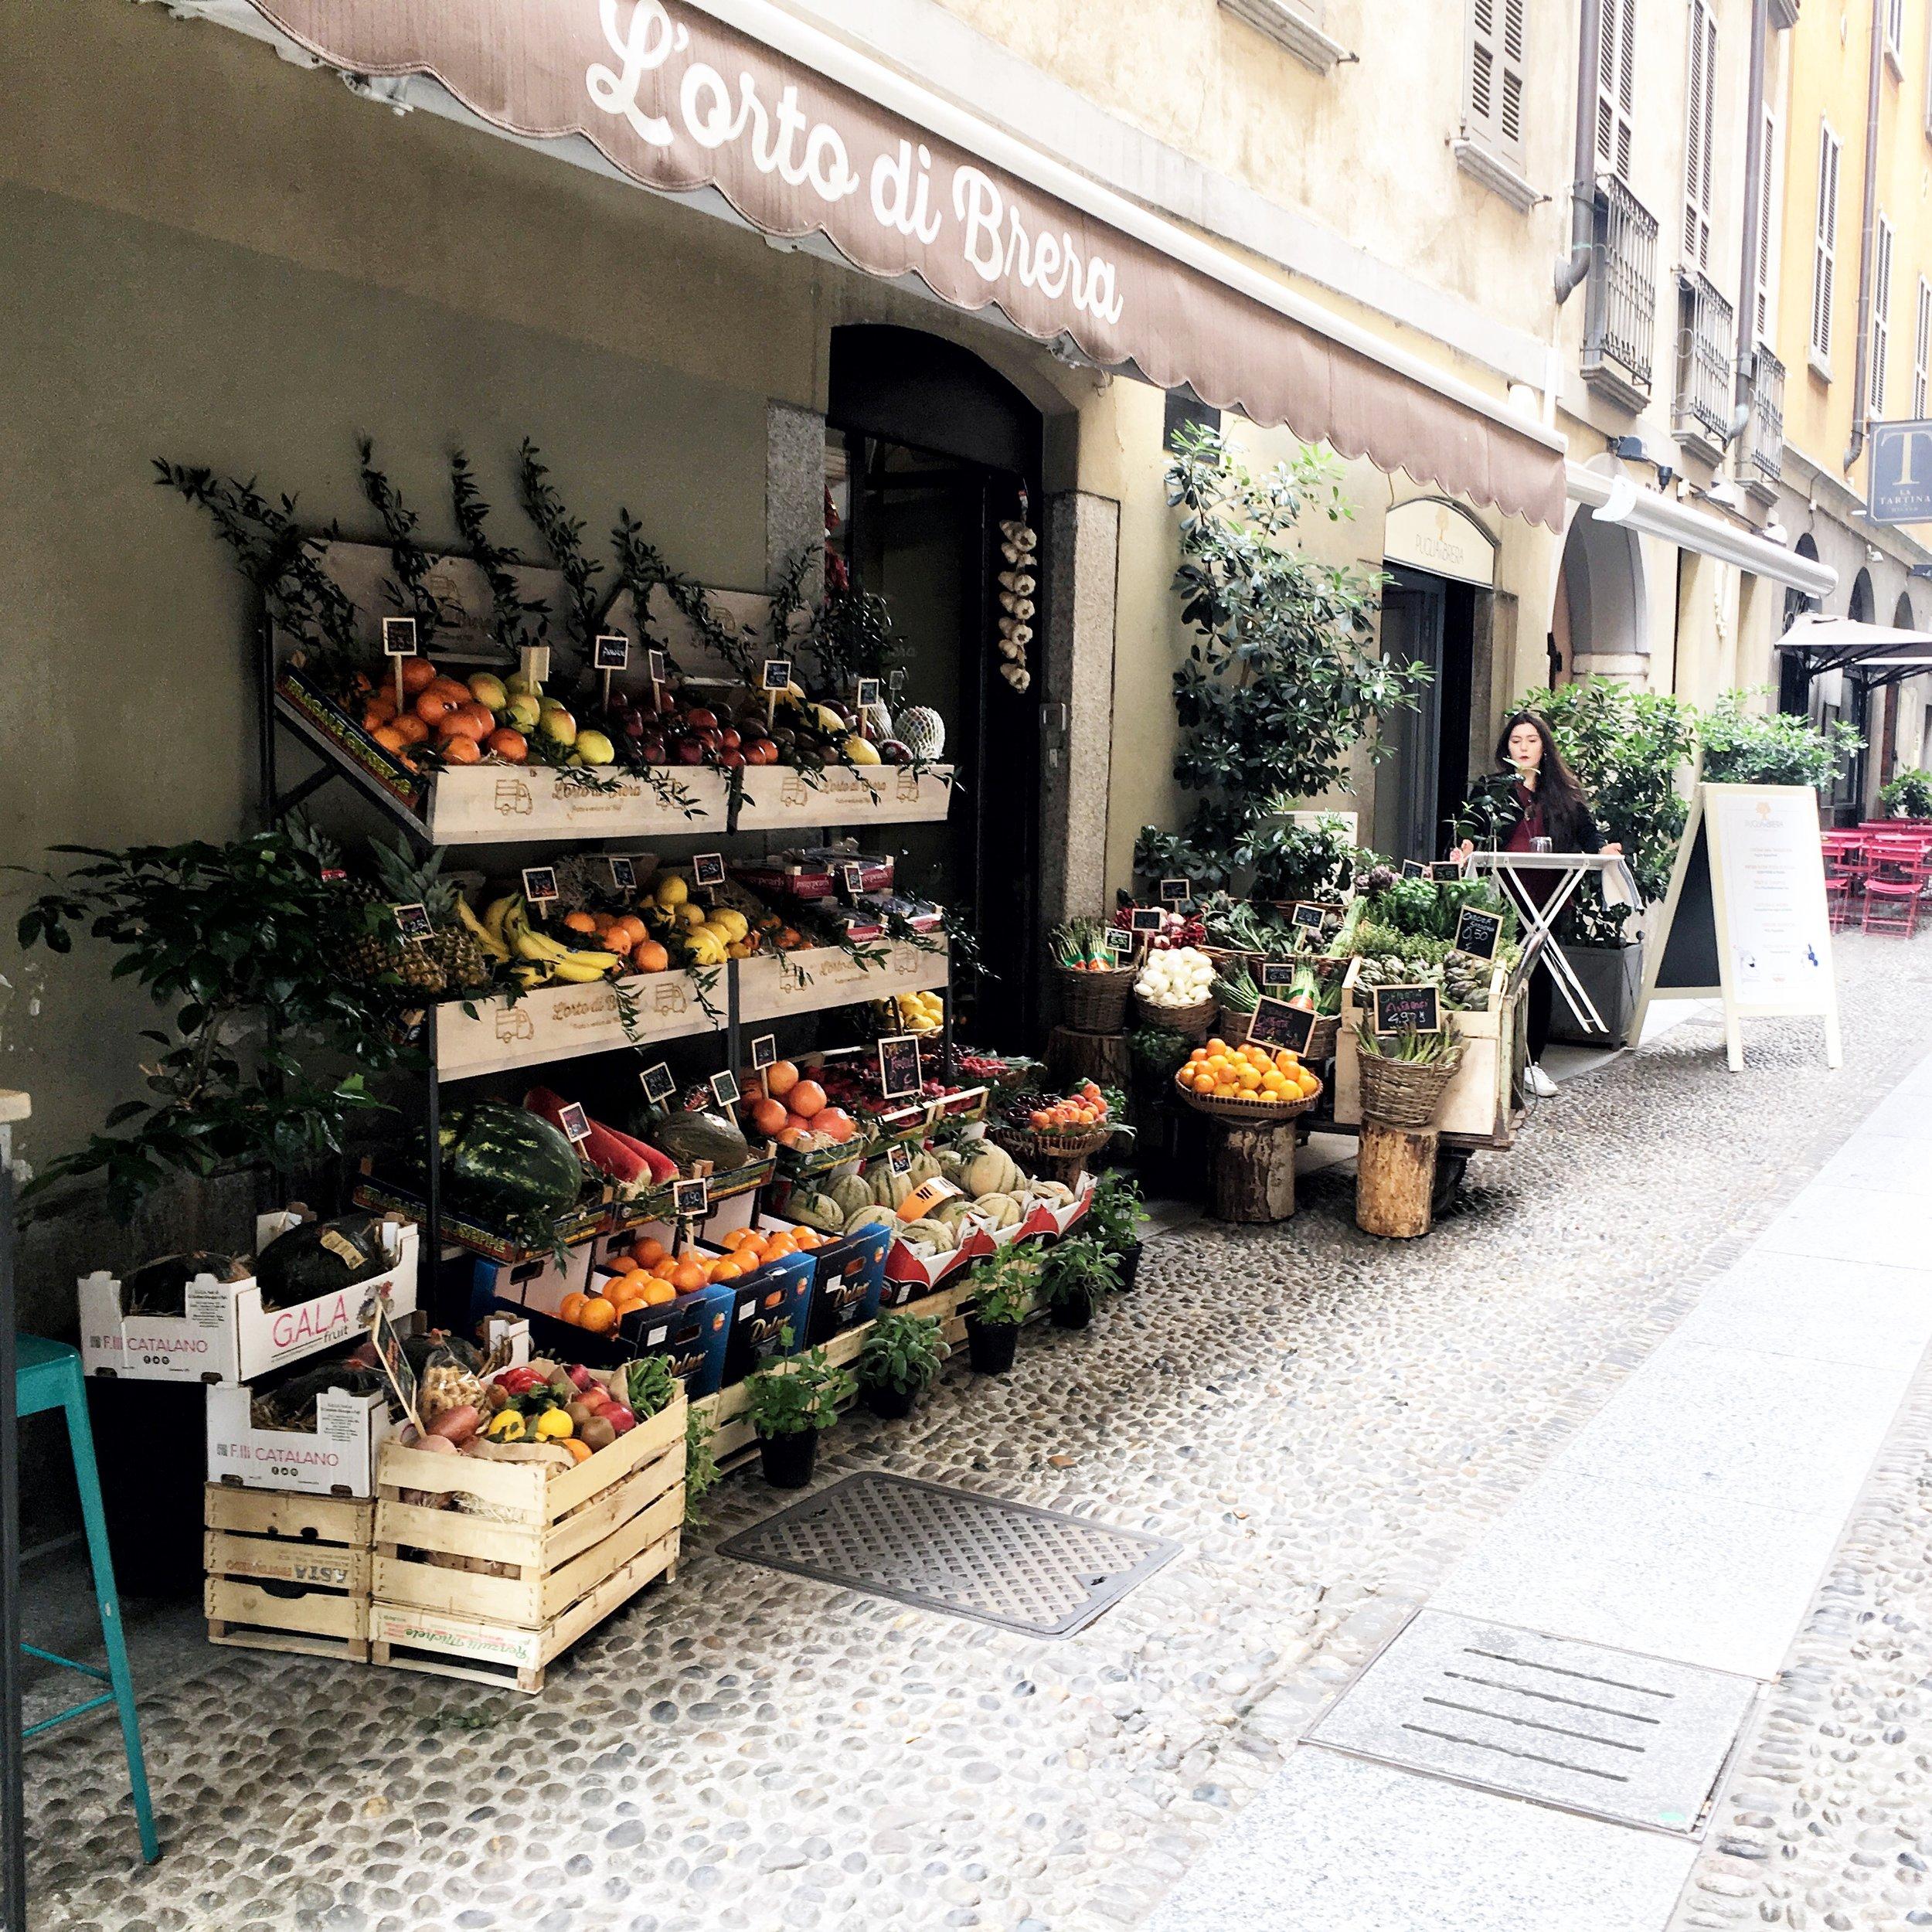 Fruit market in Milan, Italy